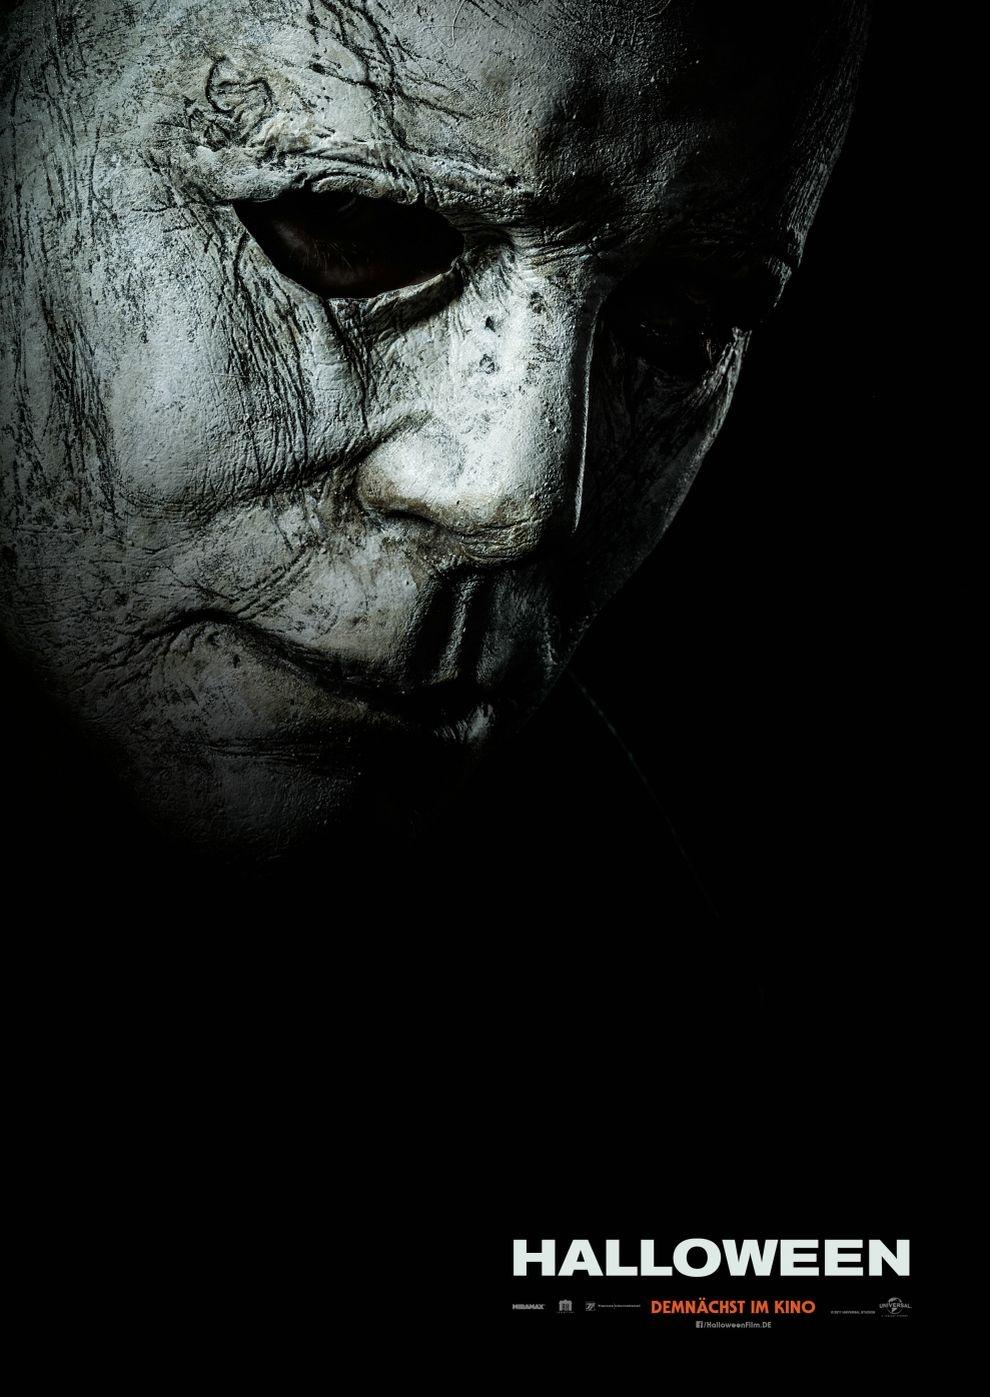 Halloween (Poster)